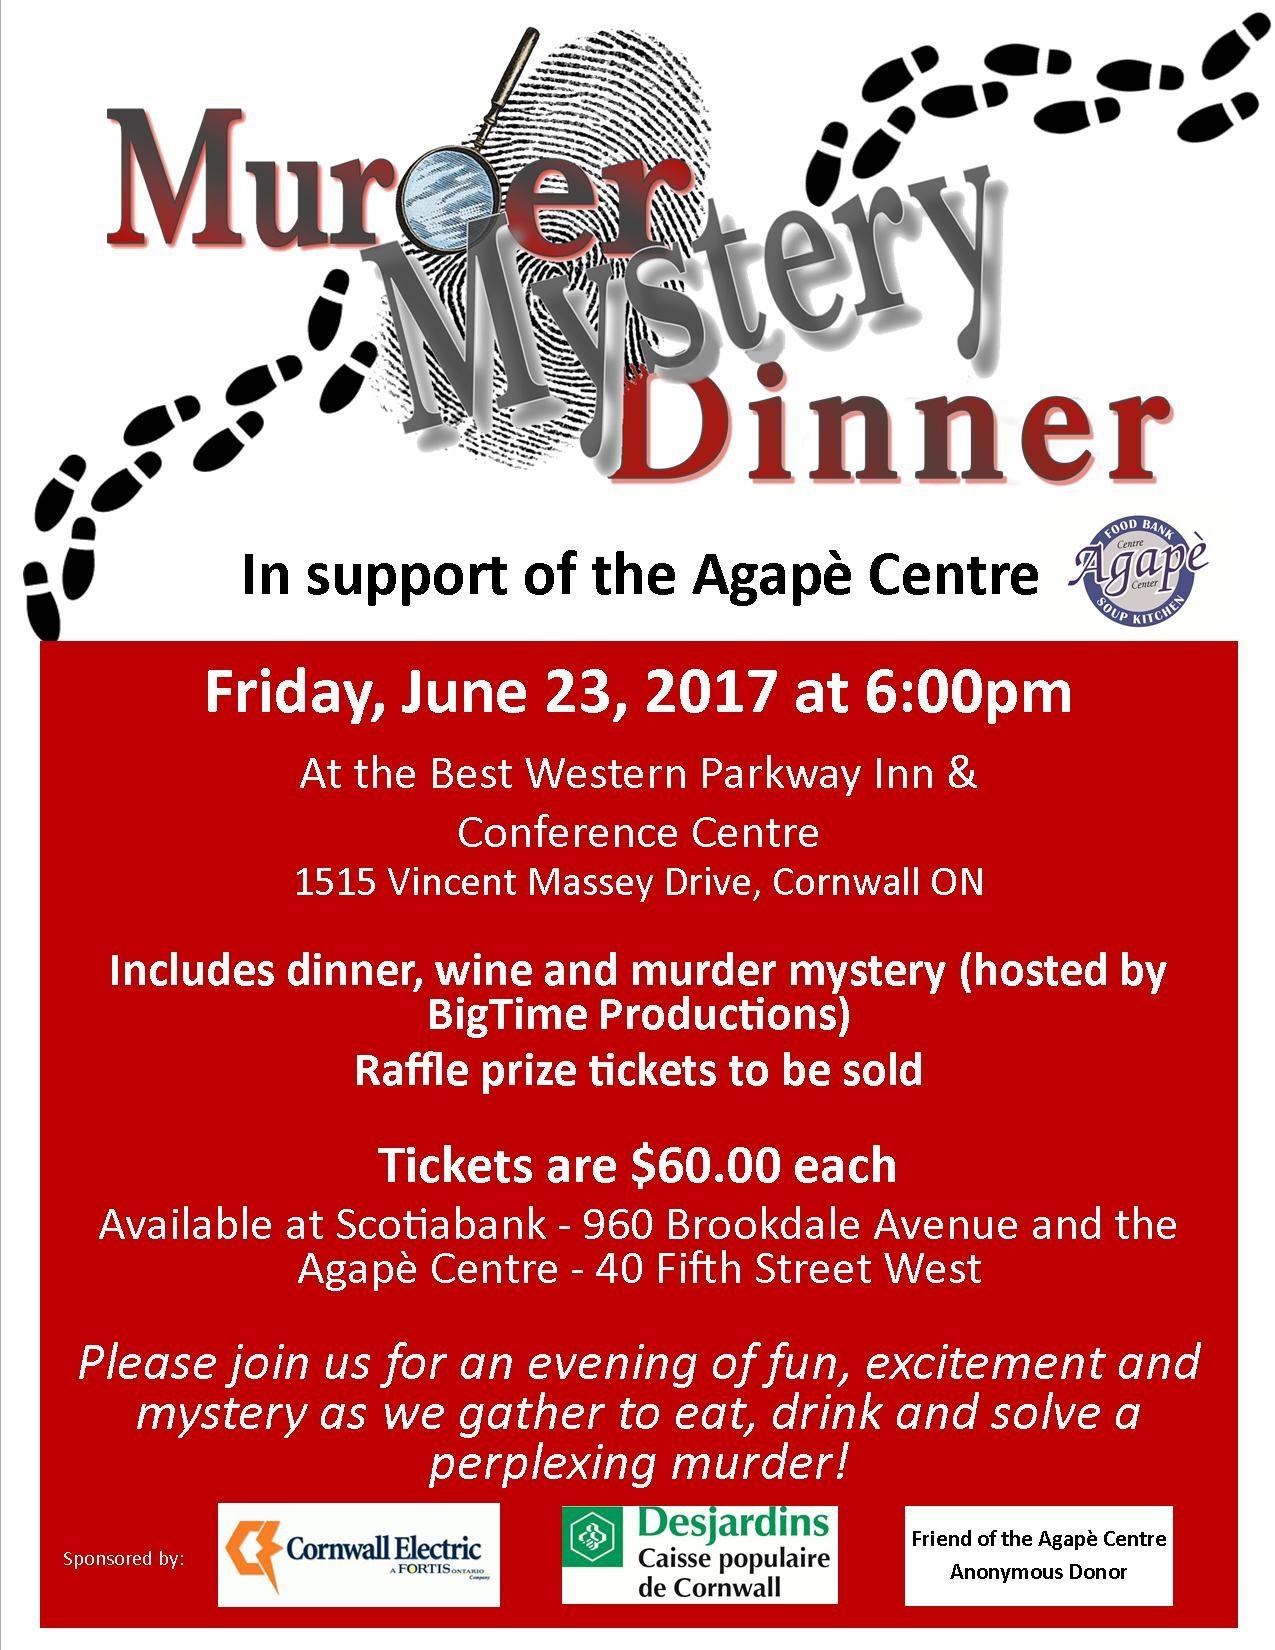 Murder Mystery Fundraising Dinner